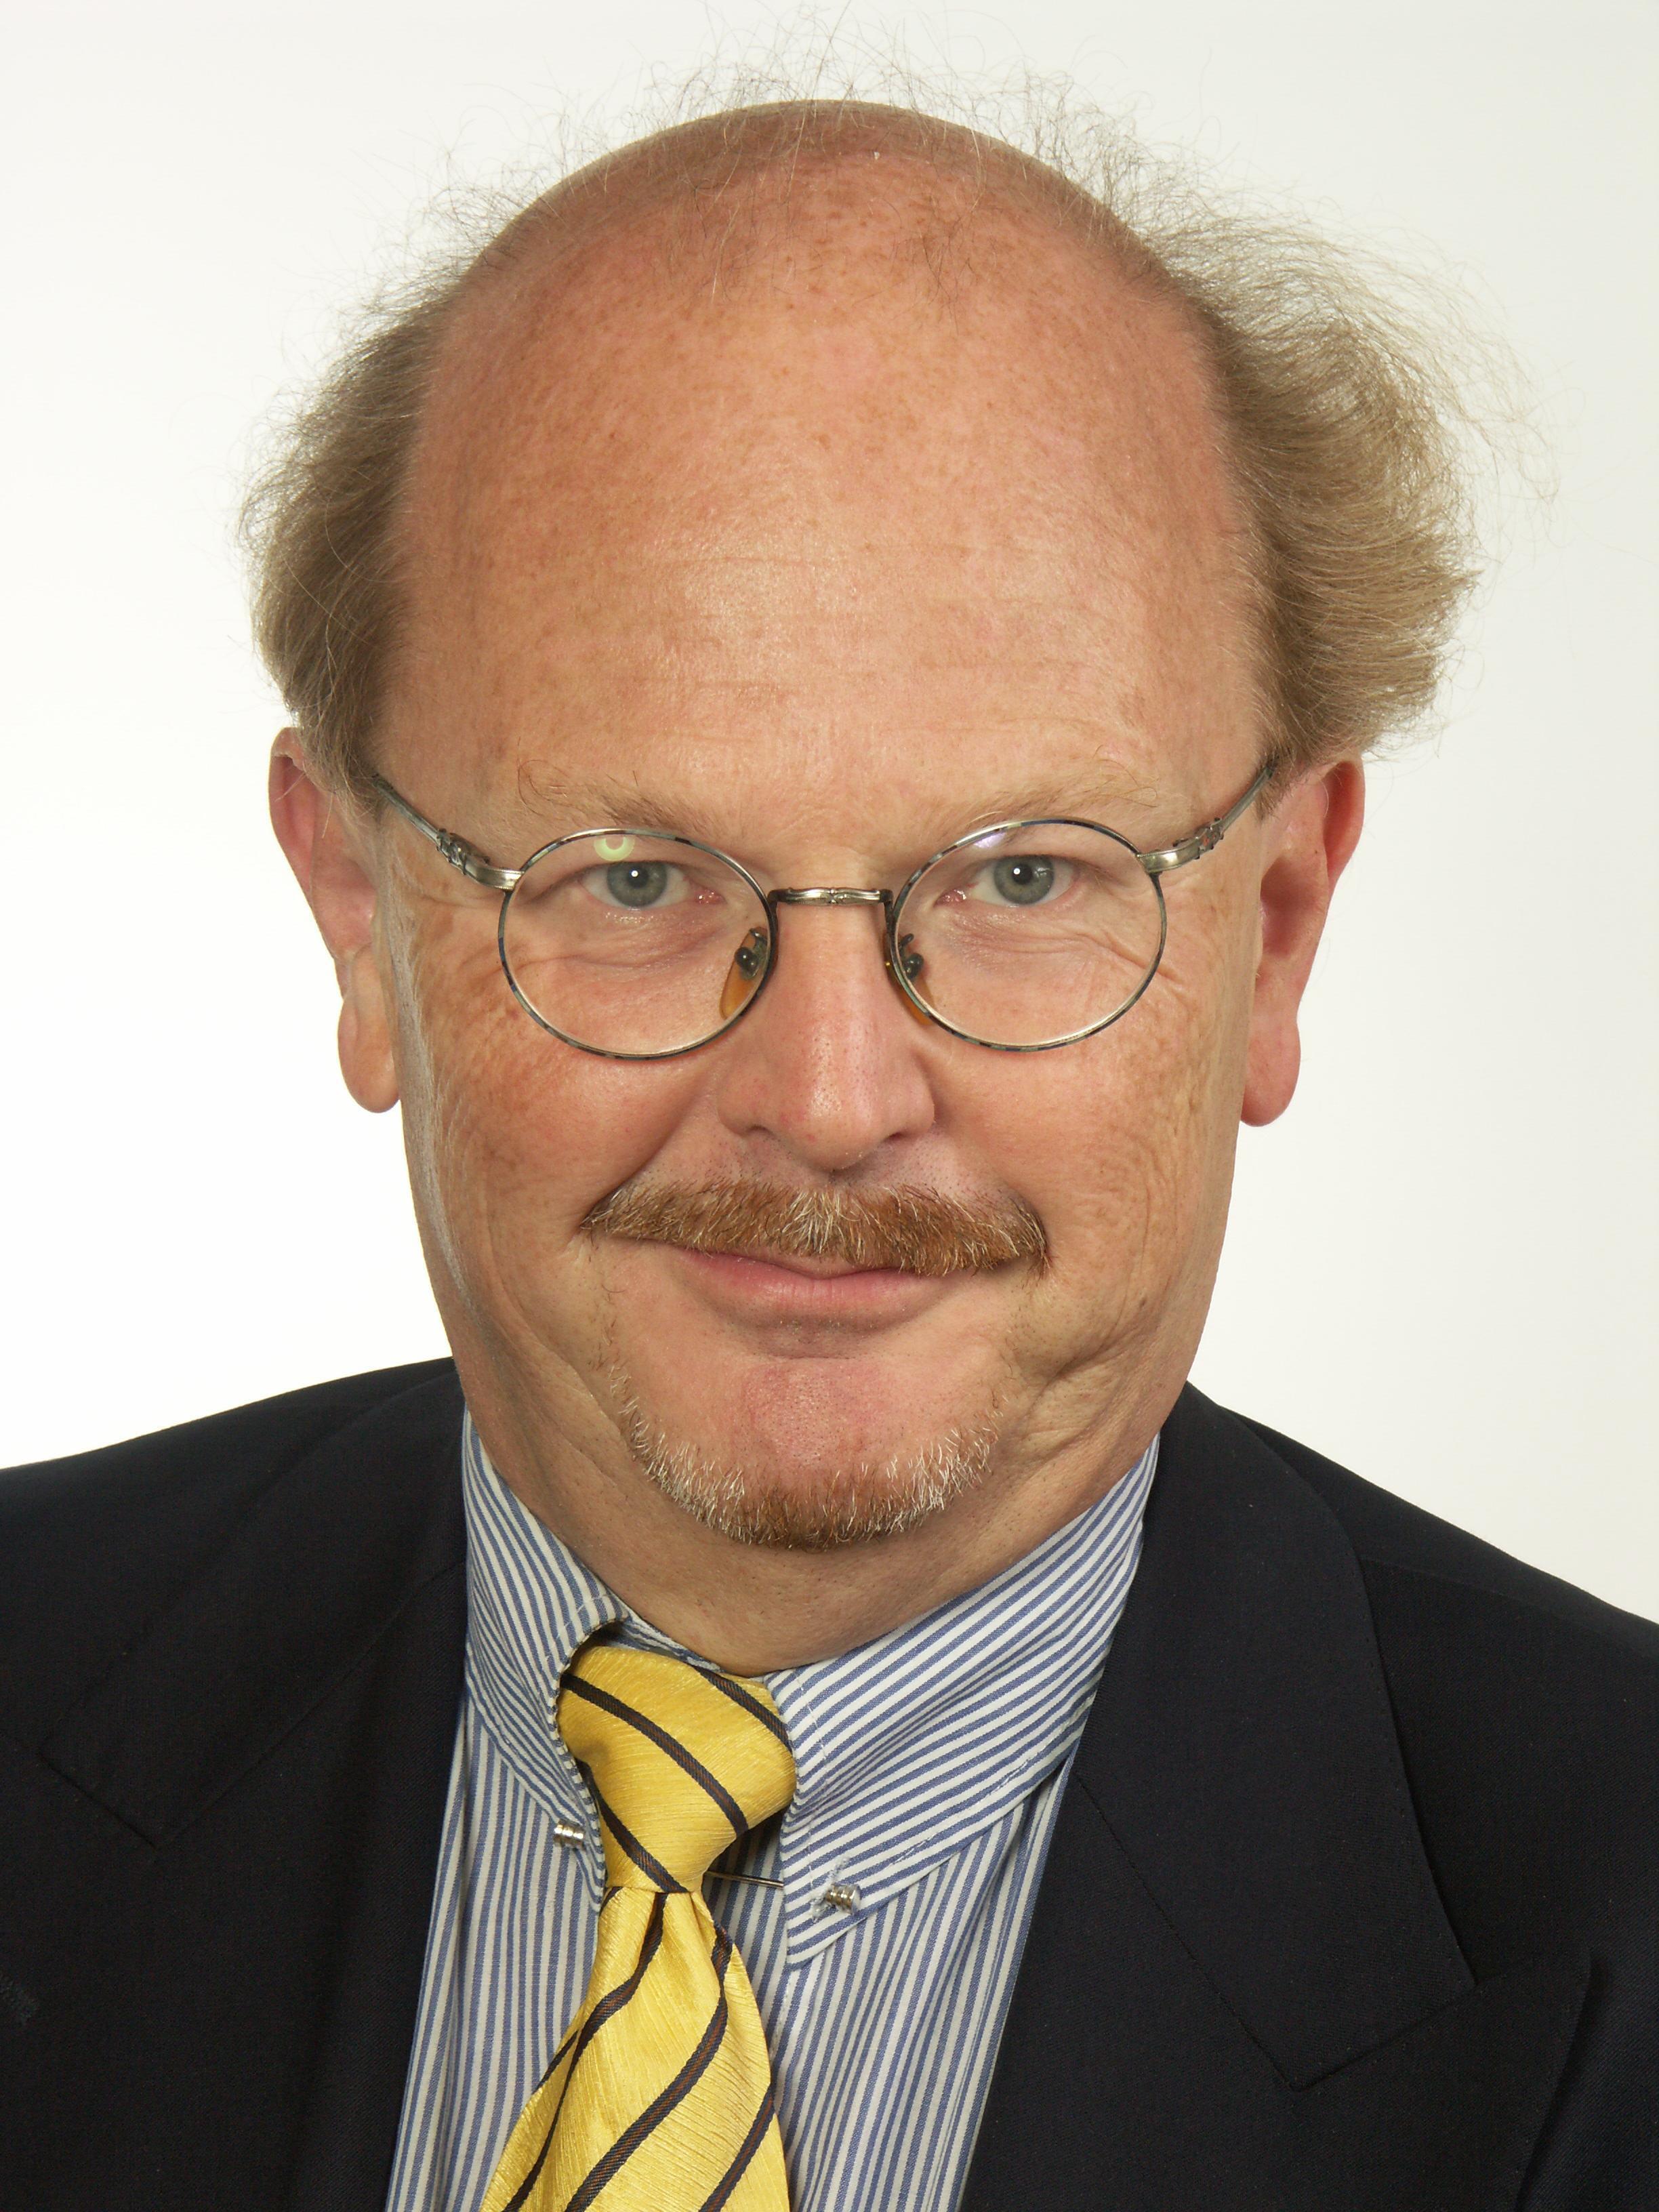 Mats Johansson - mats_johansson